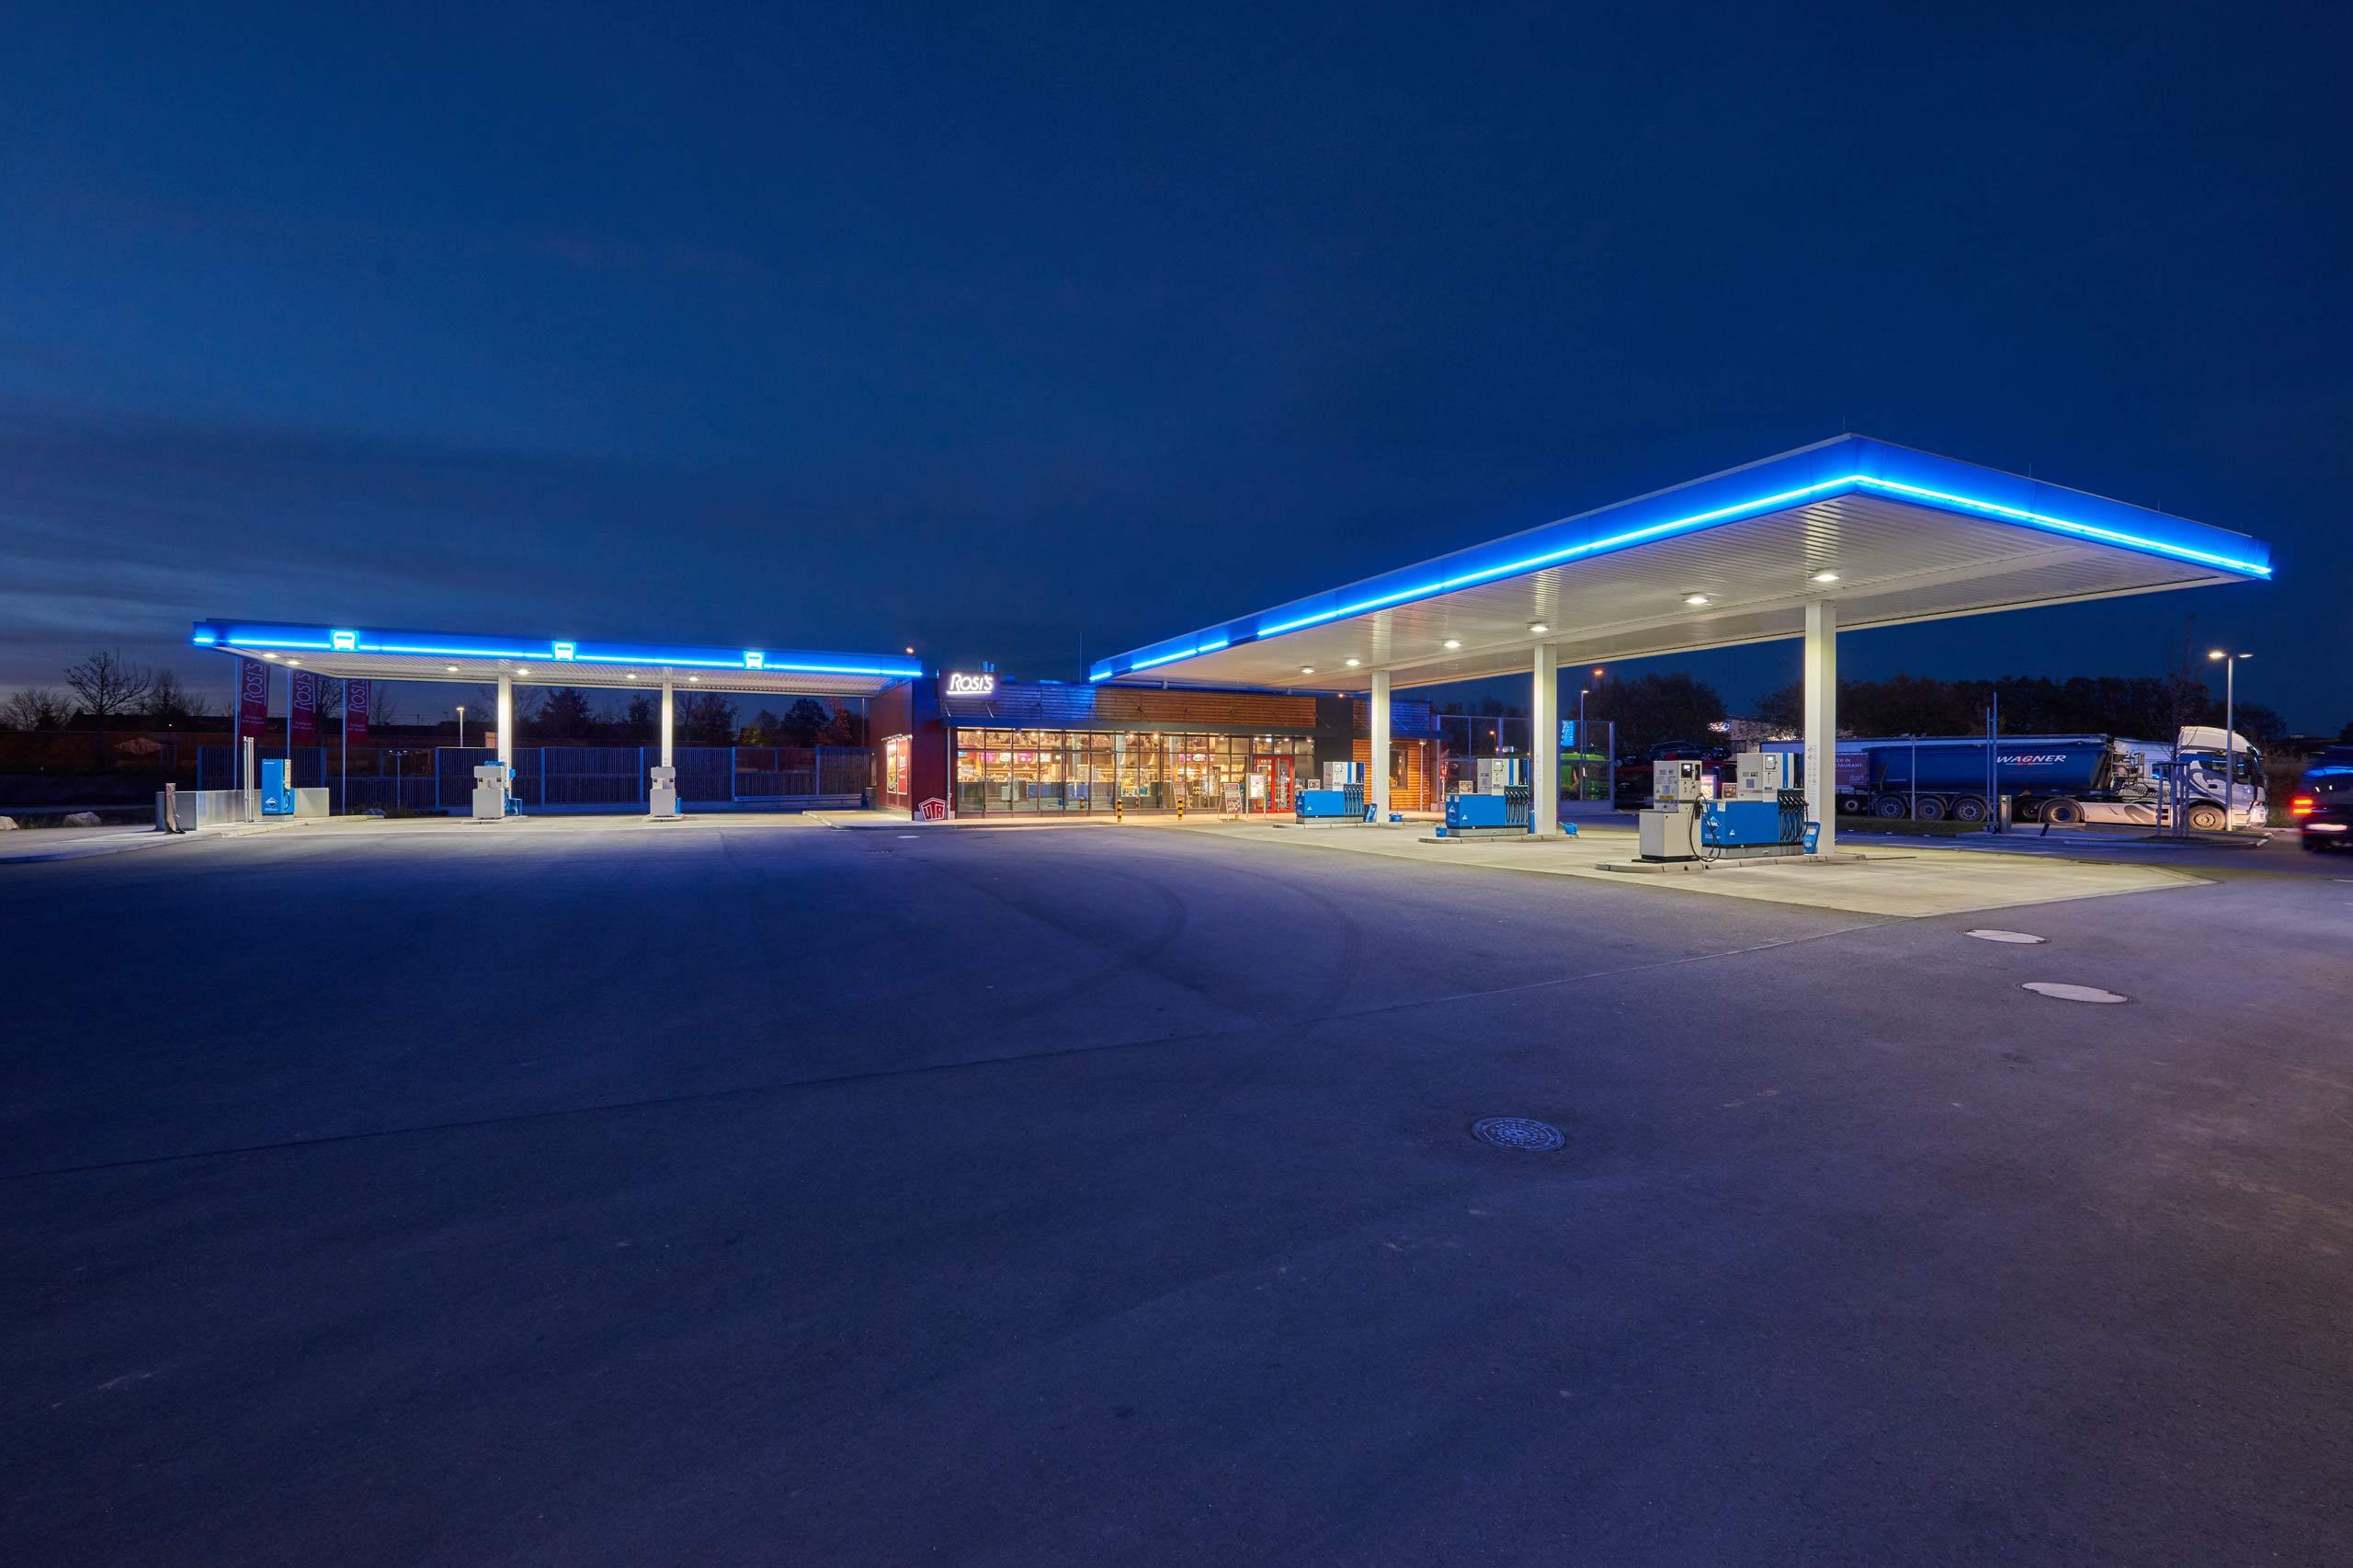 Immobileinprojekt Herecon ARAL TANKSTELLE IN GERSTHOFEN